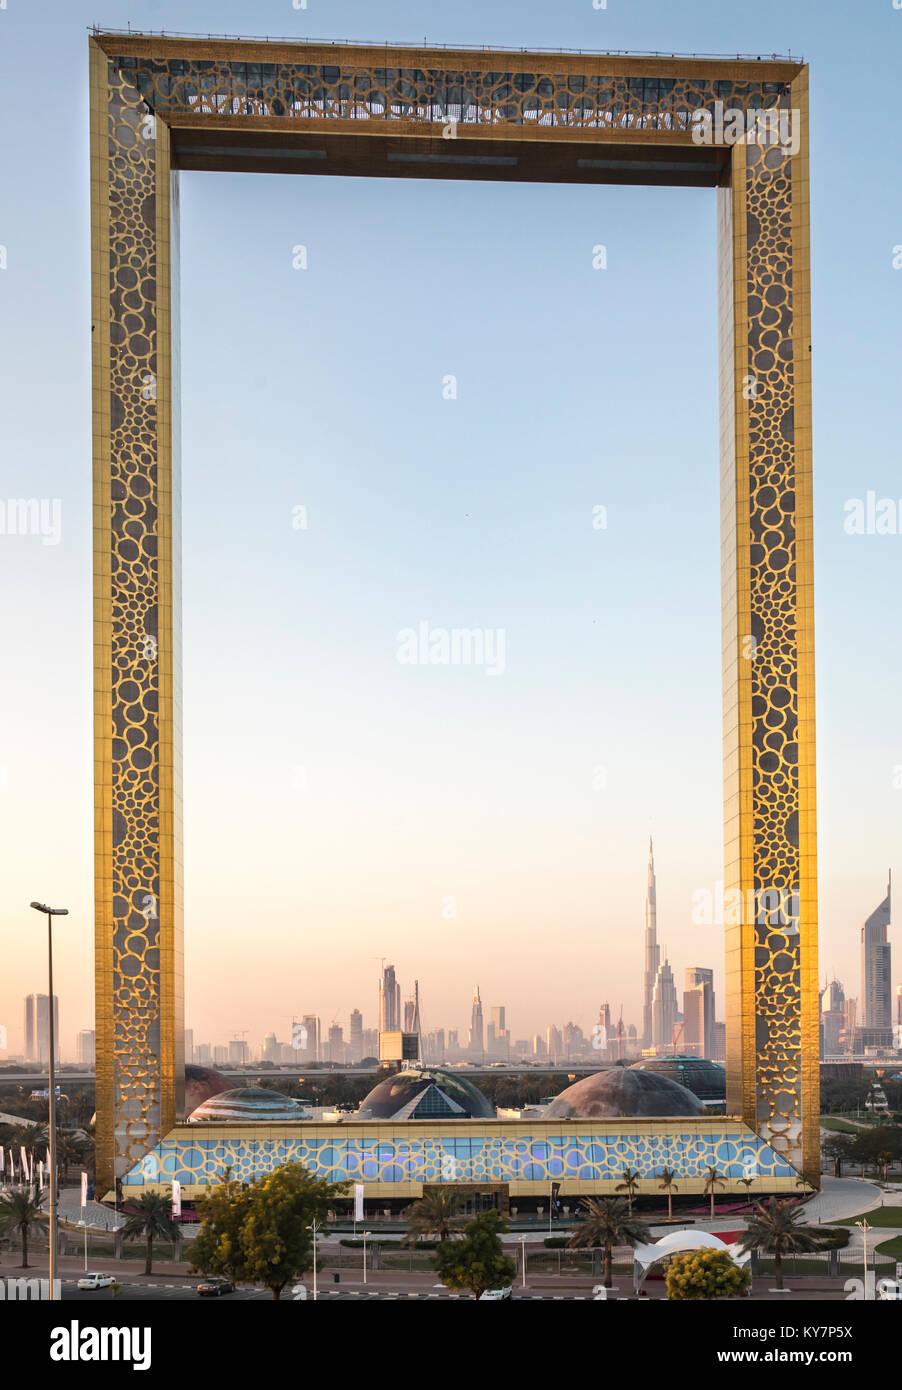 Dubai Frame Stockfotos & Dubai Frame Bilder - Alamy